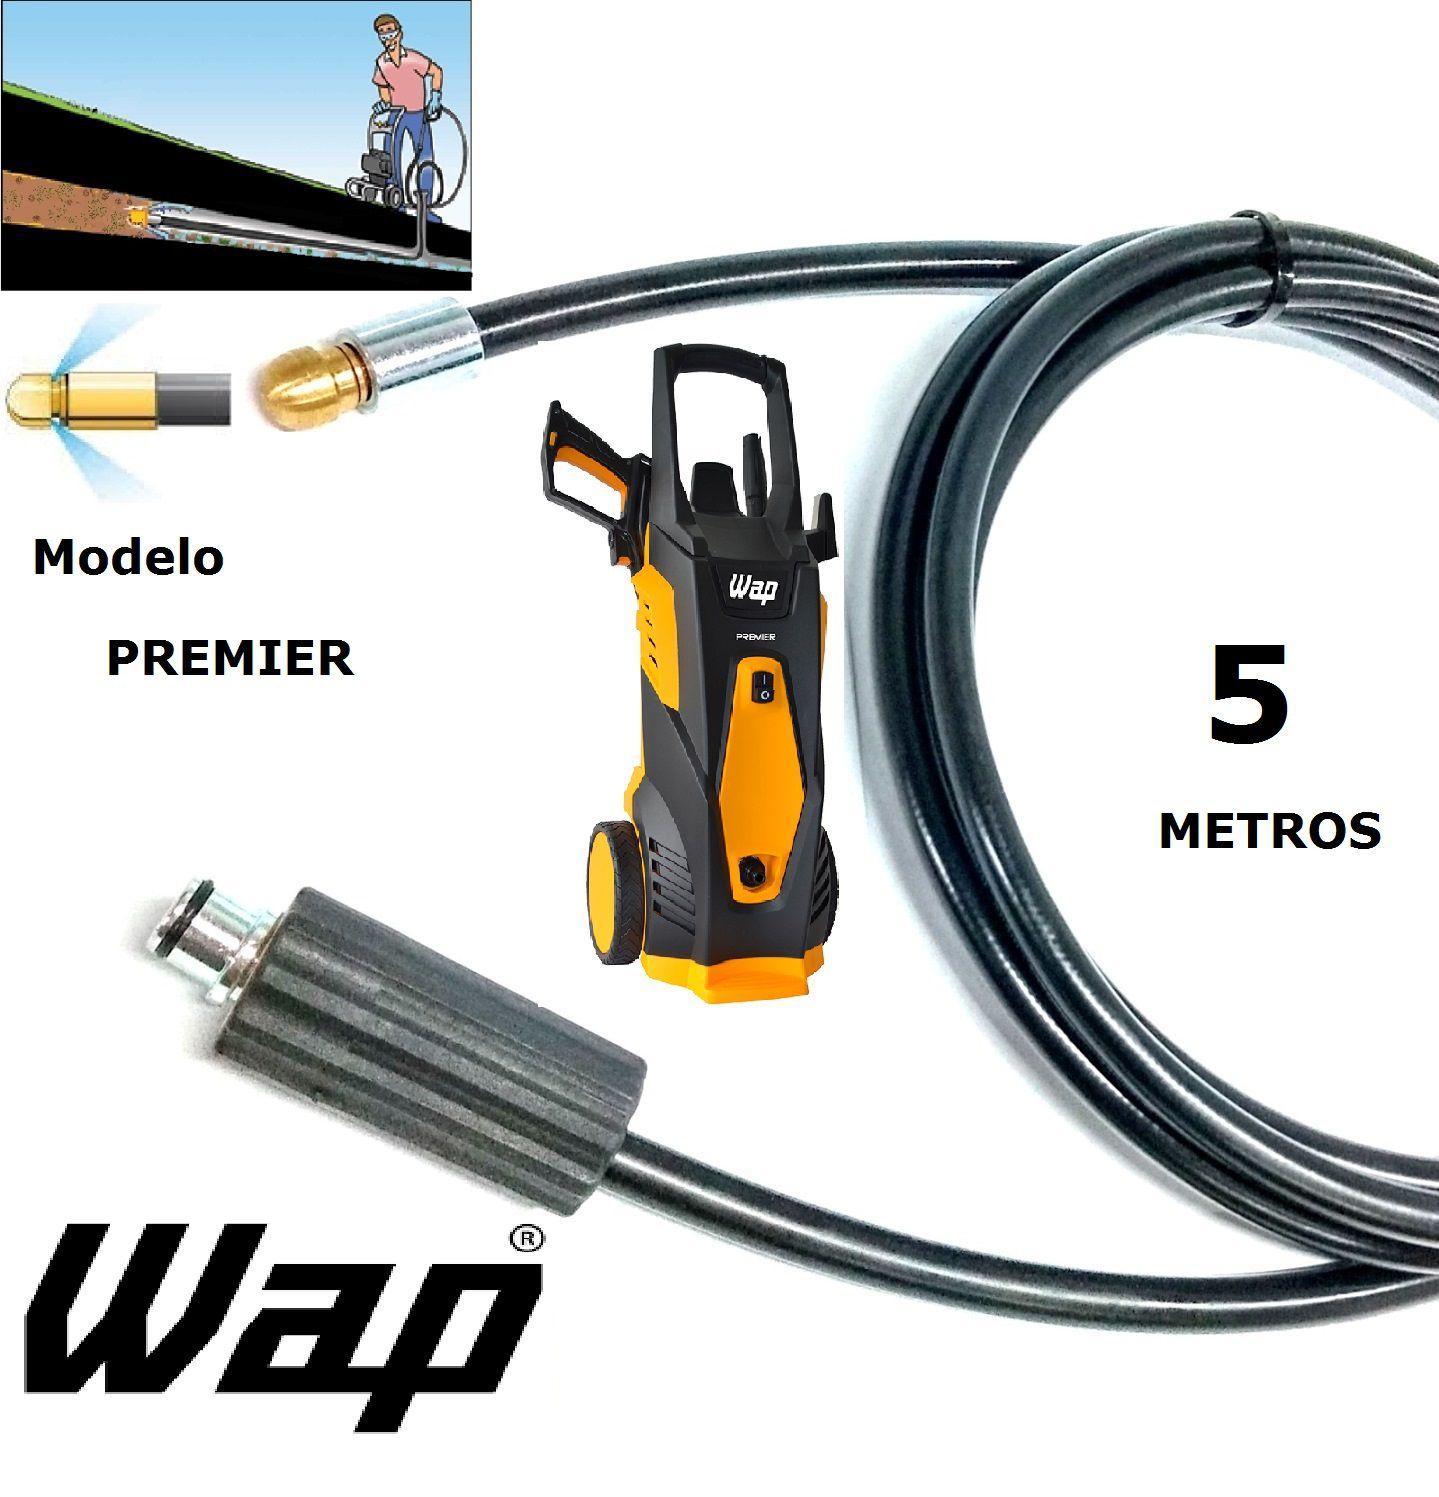 Mangueira desentupidora de tubulação WAP - 5 Metros - Wap PREMIER